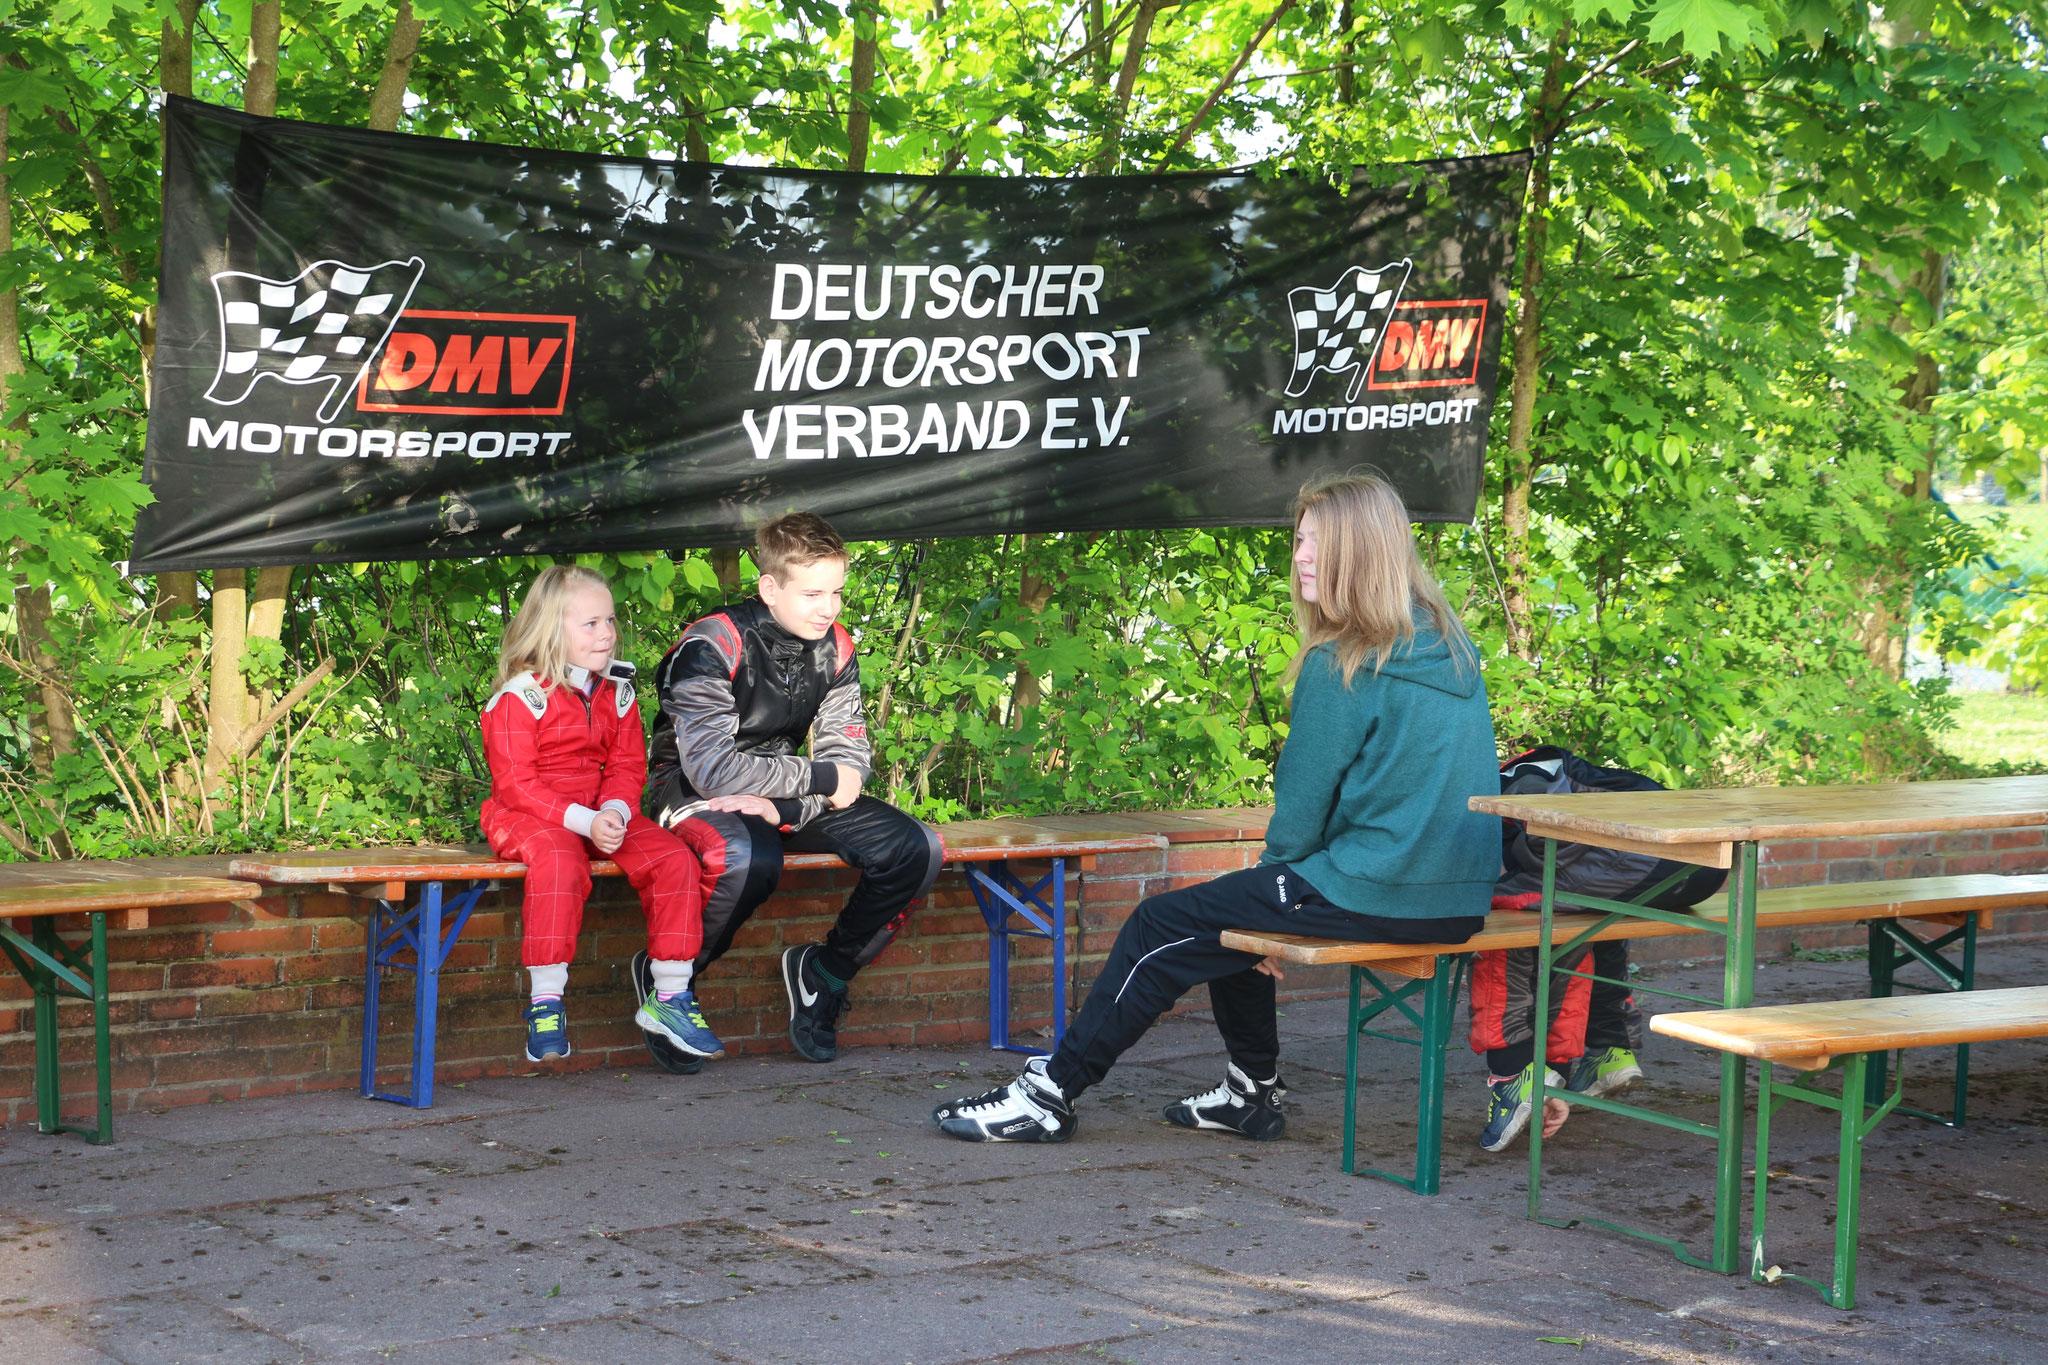 Lina von Holt, Dominik Teute und Janica Schlüer warten auf den Beginn vom Rennen